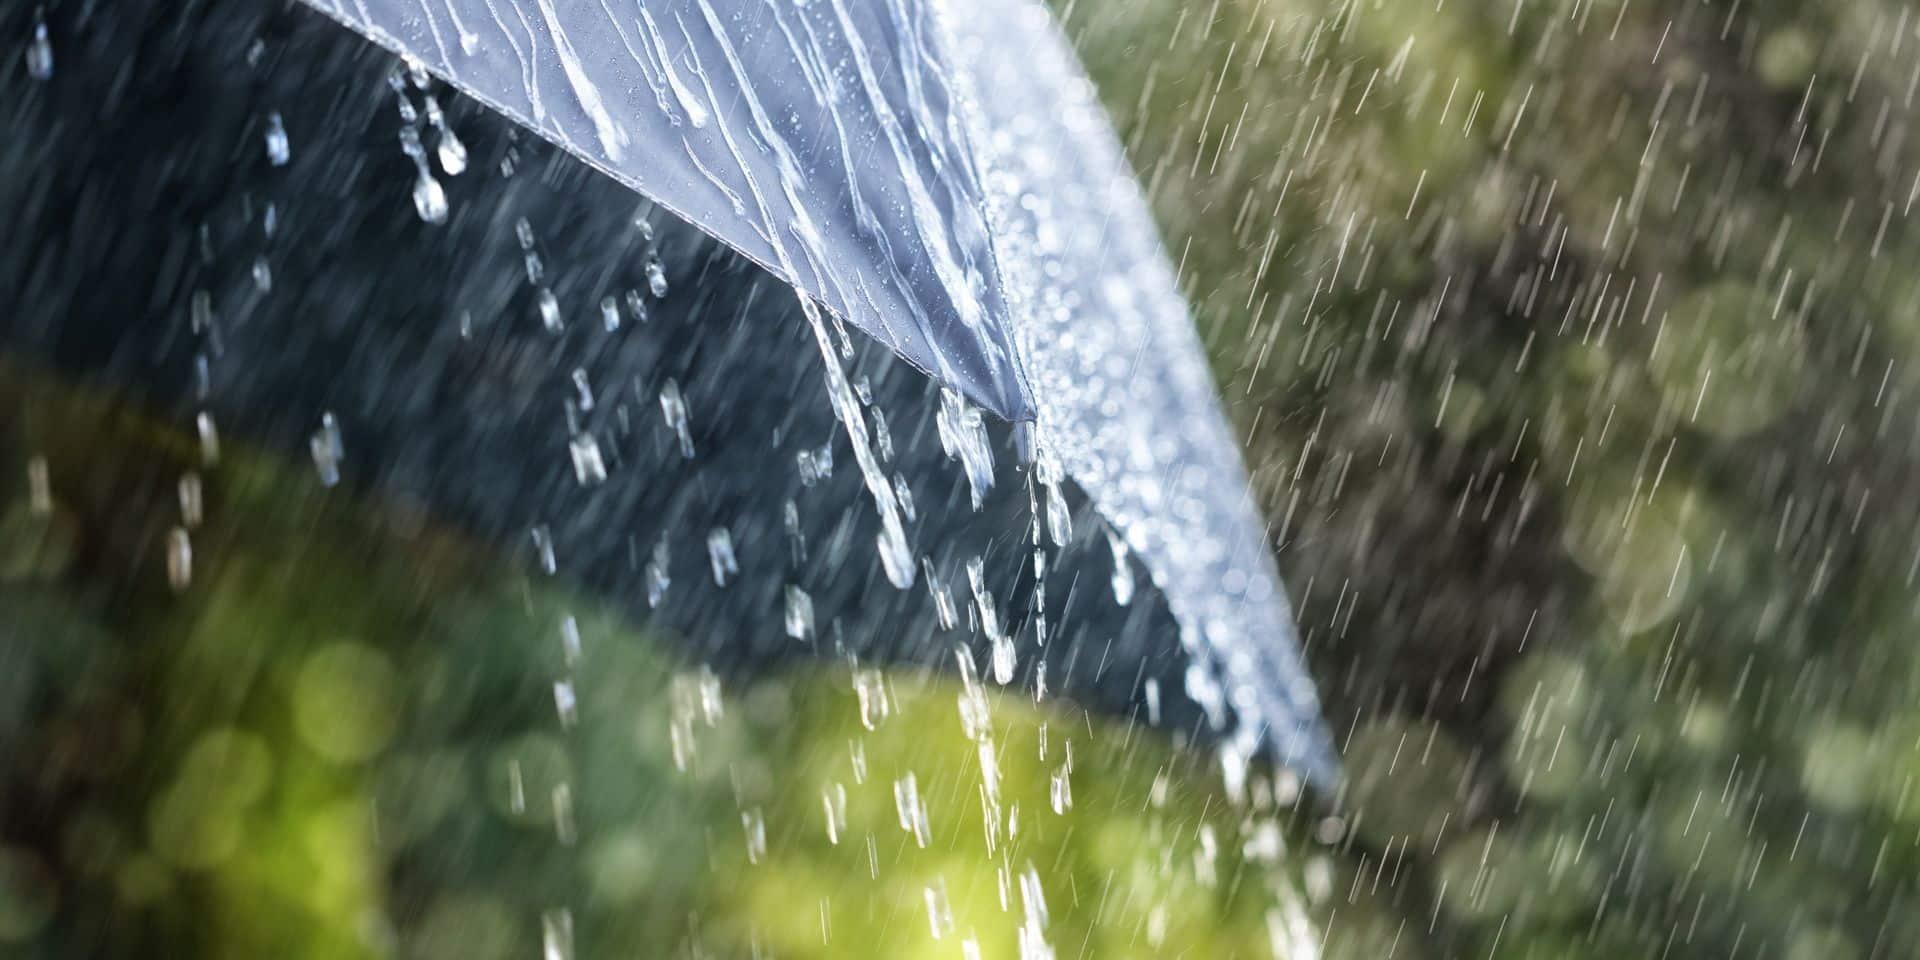 Météo: l'automne s'installe confortablement, la pluie tombe abondamment